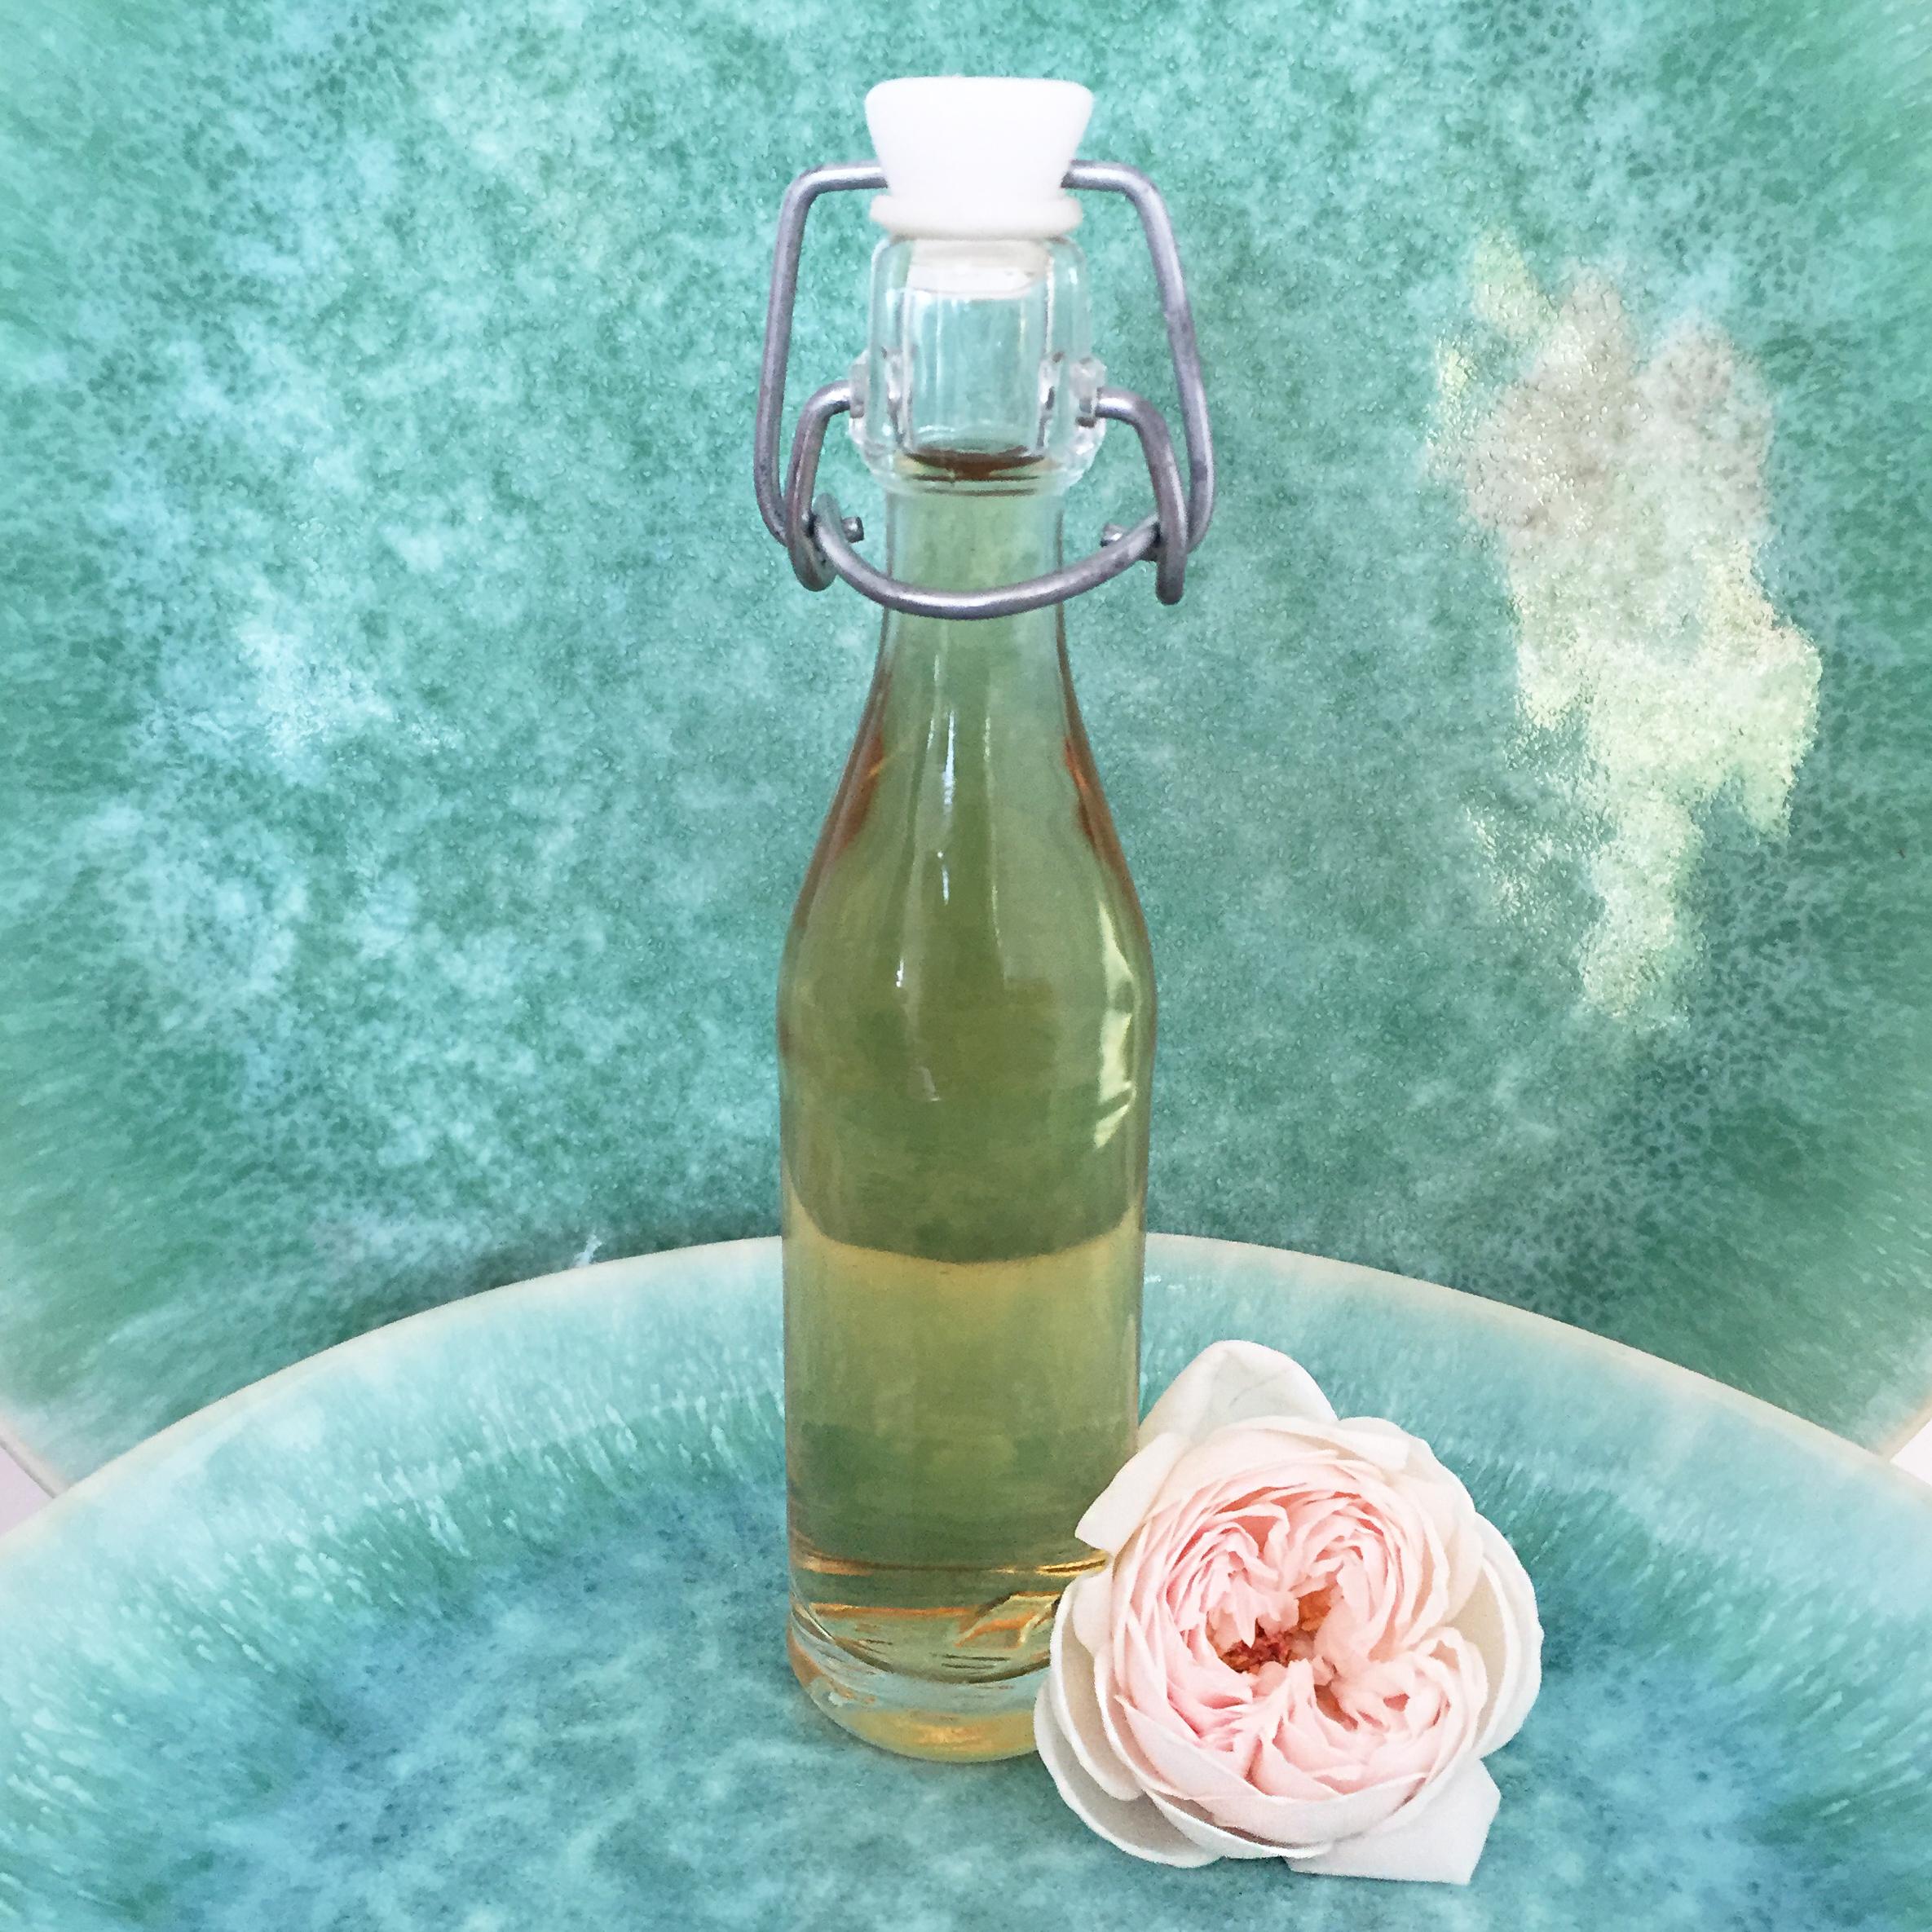 Eau de rose maison 100% naturelle DIY- http://homesweetambre.com/